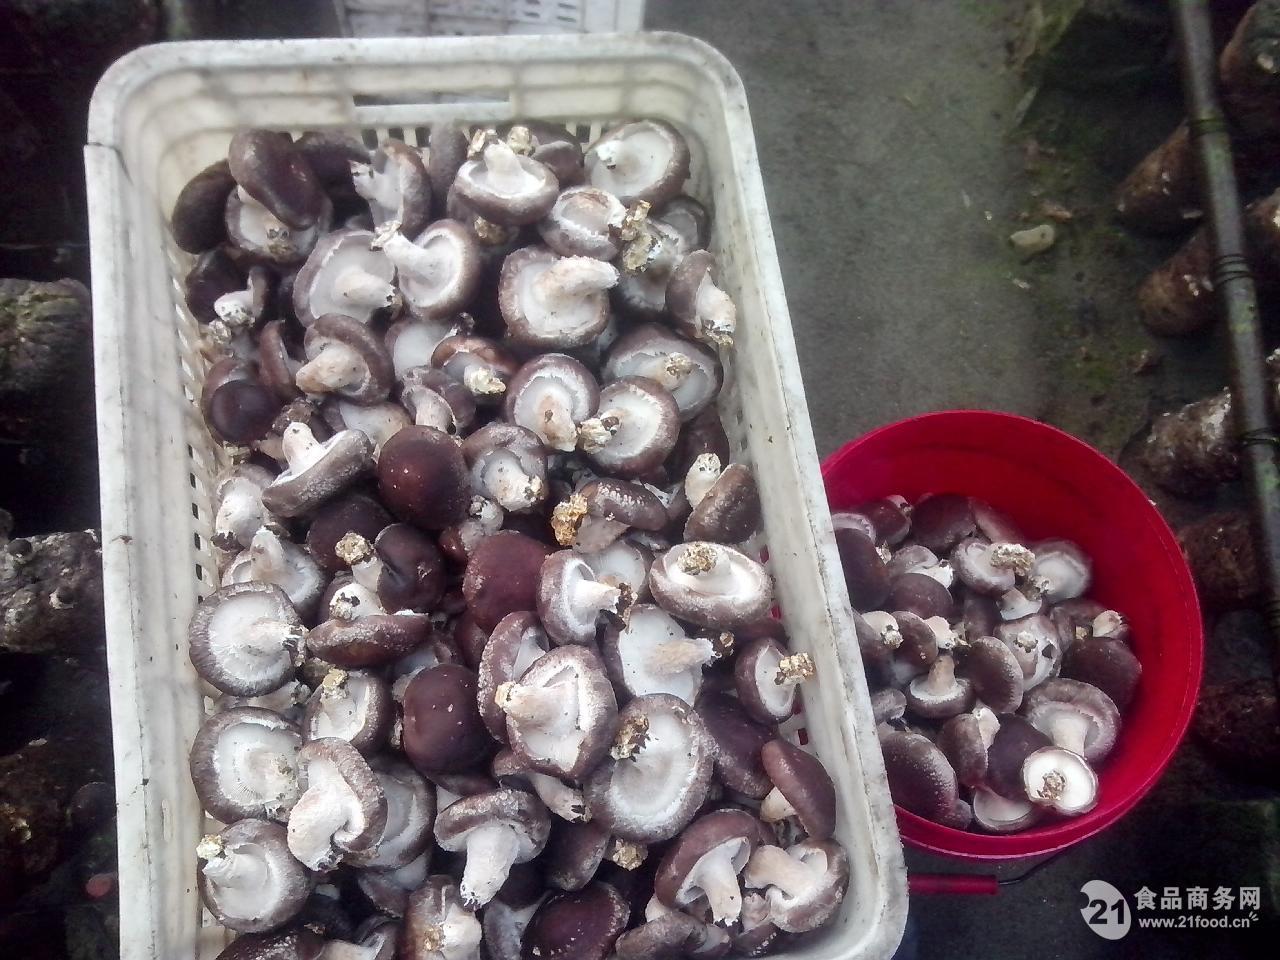 香菇棒种植步骤图片